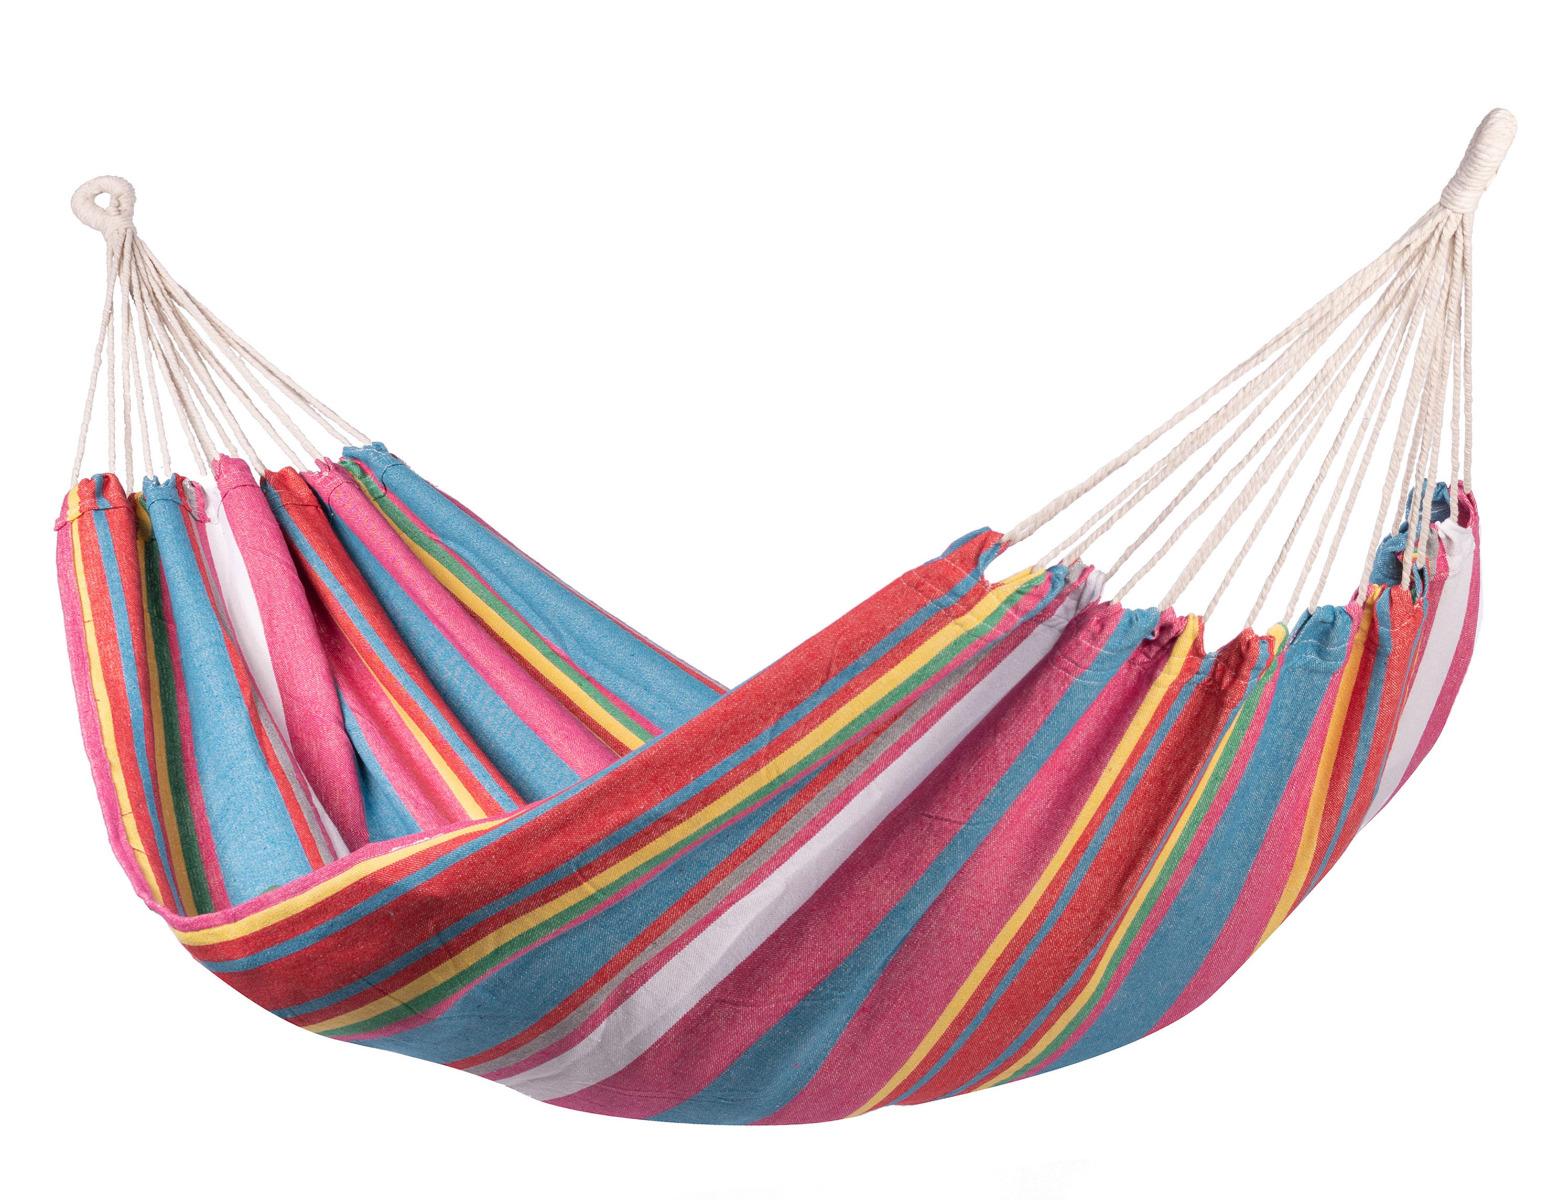 'Salvora' Single E�npersoons Hangmat - Veelkleurig - 123 Hammock